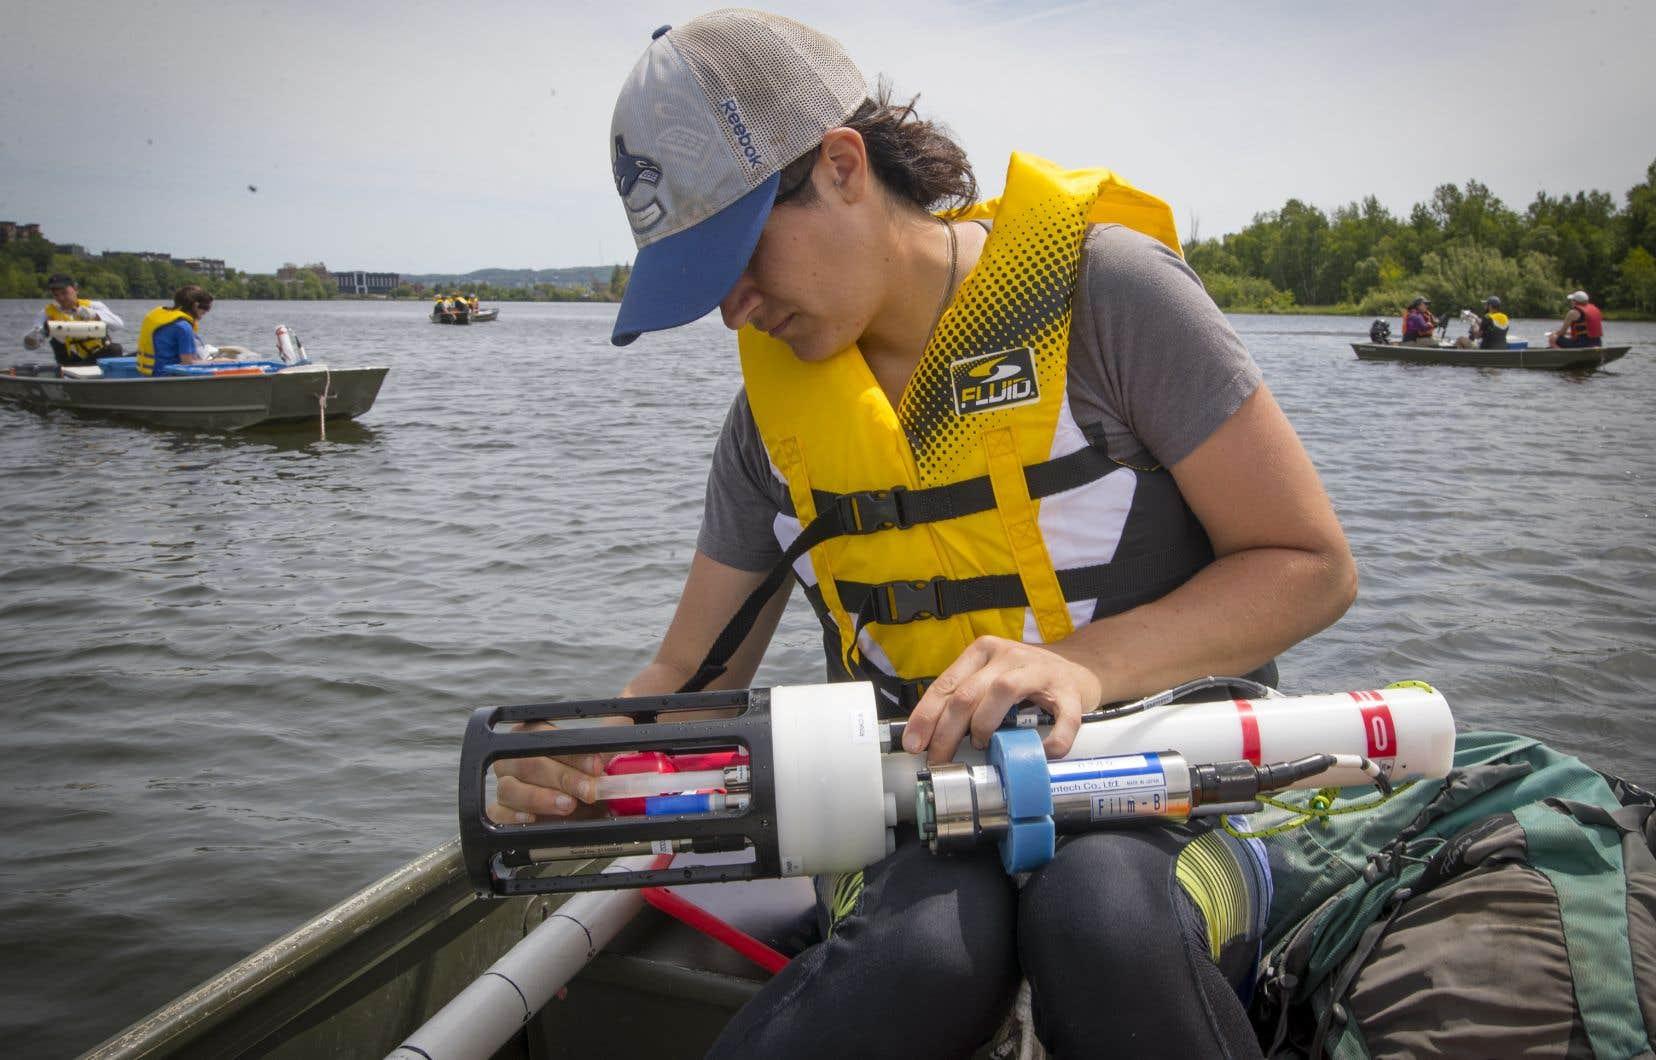 À l'aide d'un multimètre, Erika mesure la conductivité de l'eau, de même que le niveau de pH, d'oxygène et de chlorophylle.